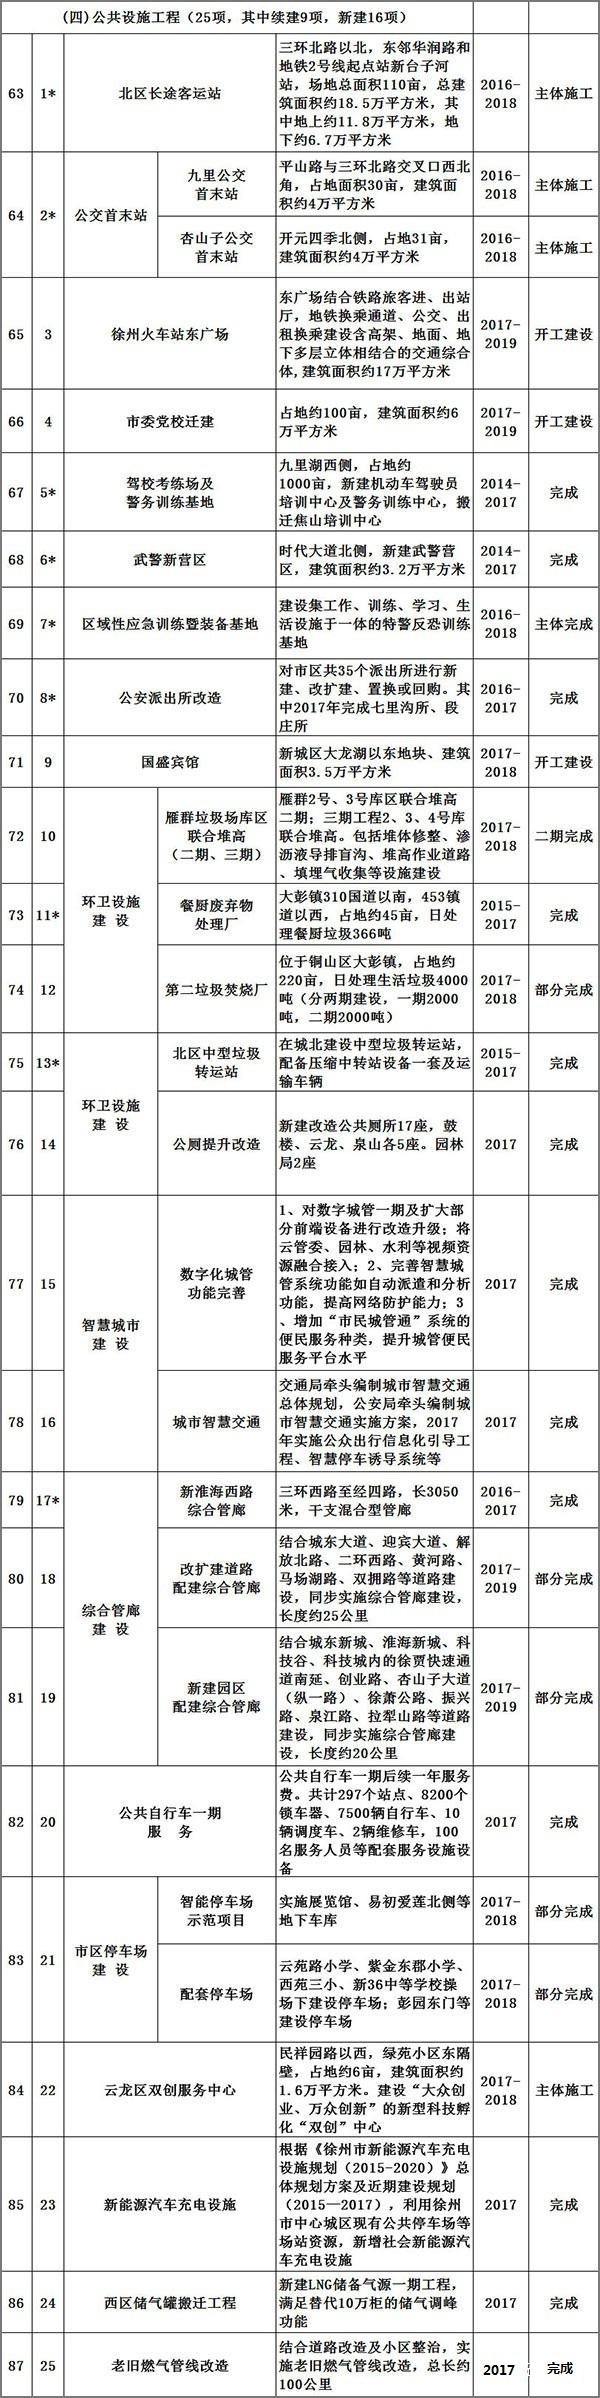 2017年徐州150项城建重点工程出炉!